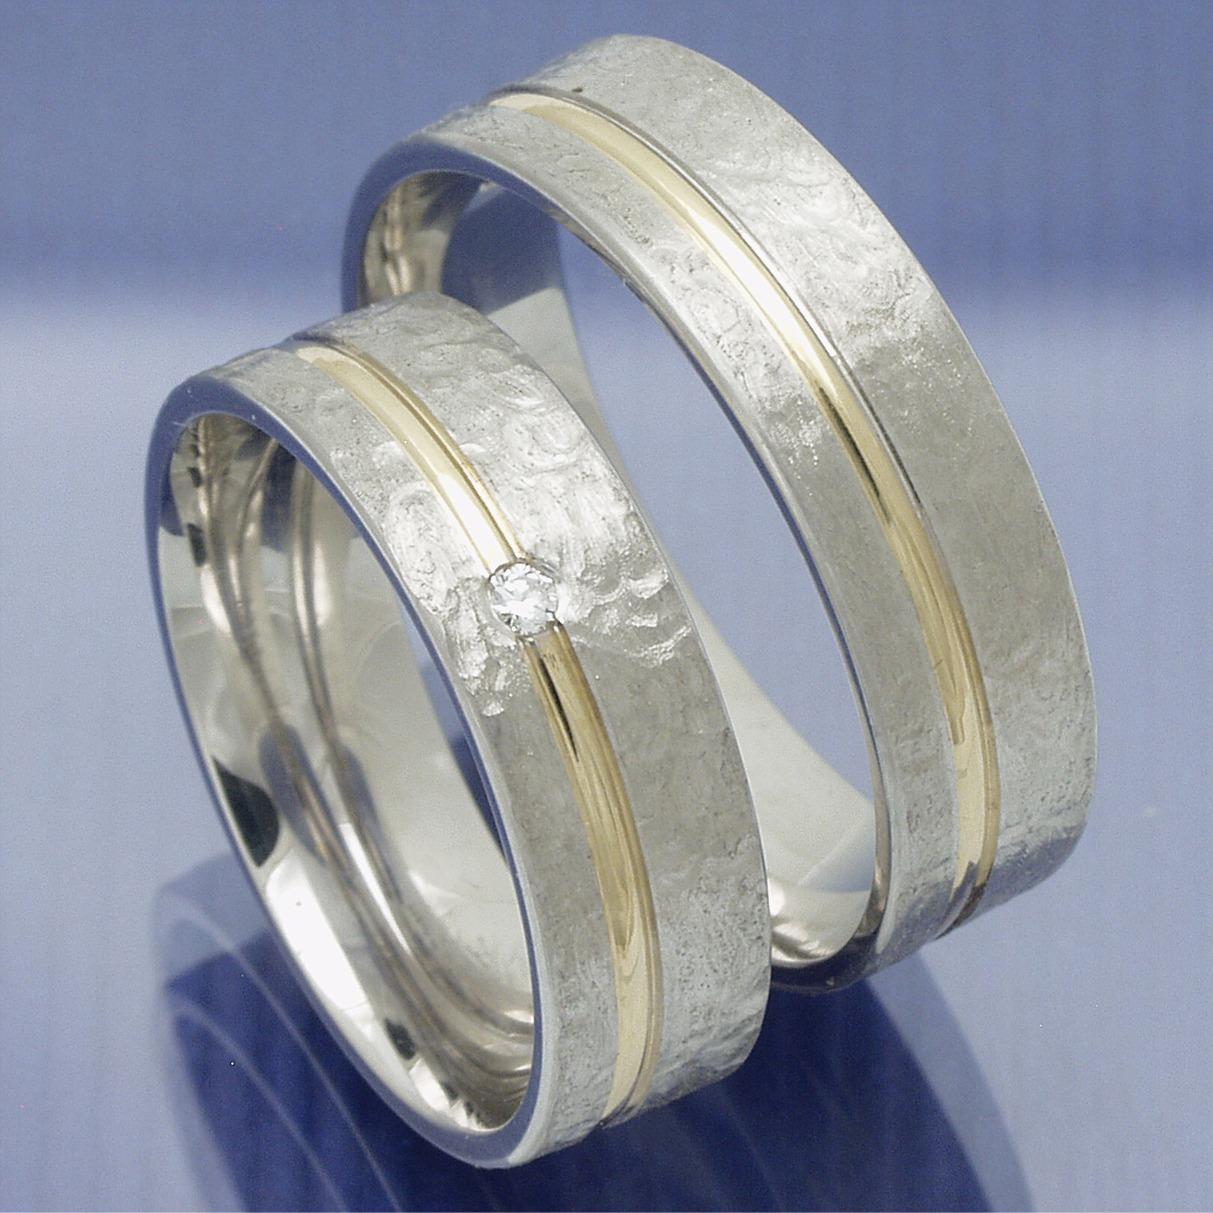 EheringeShop  Trauringe Verlobungsringe Silber Gold